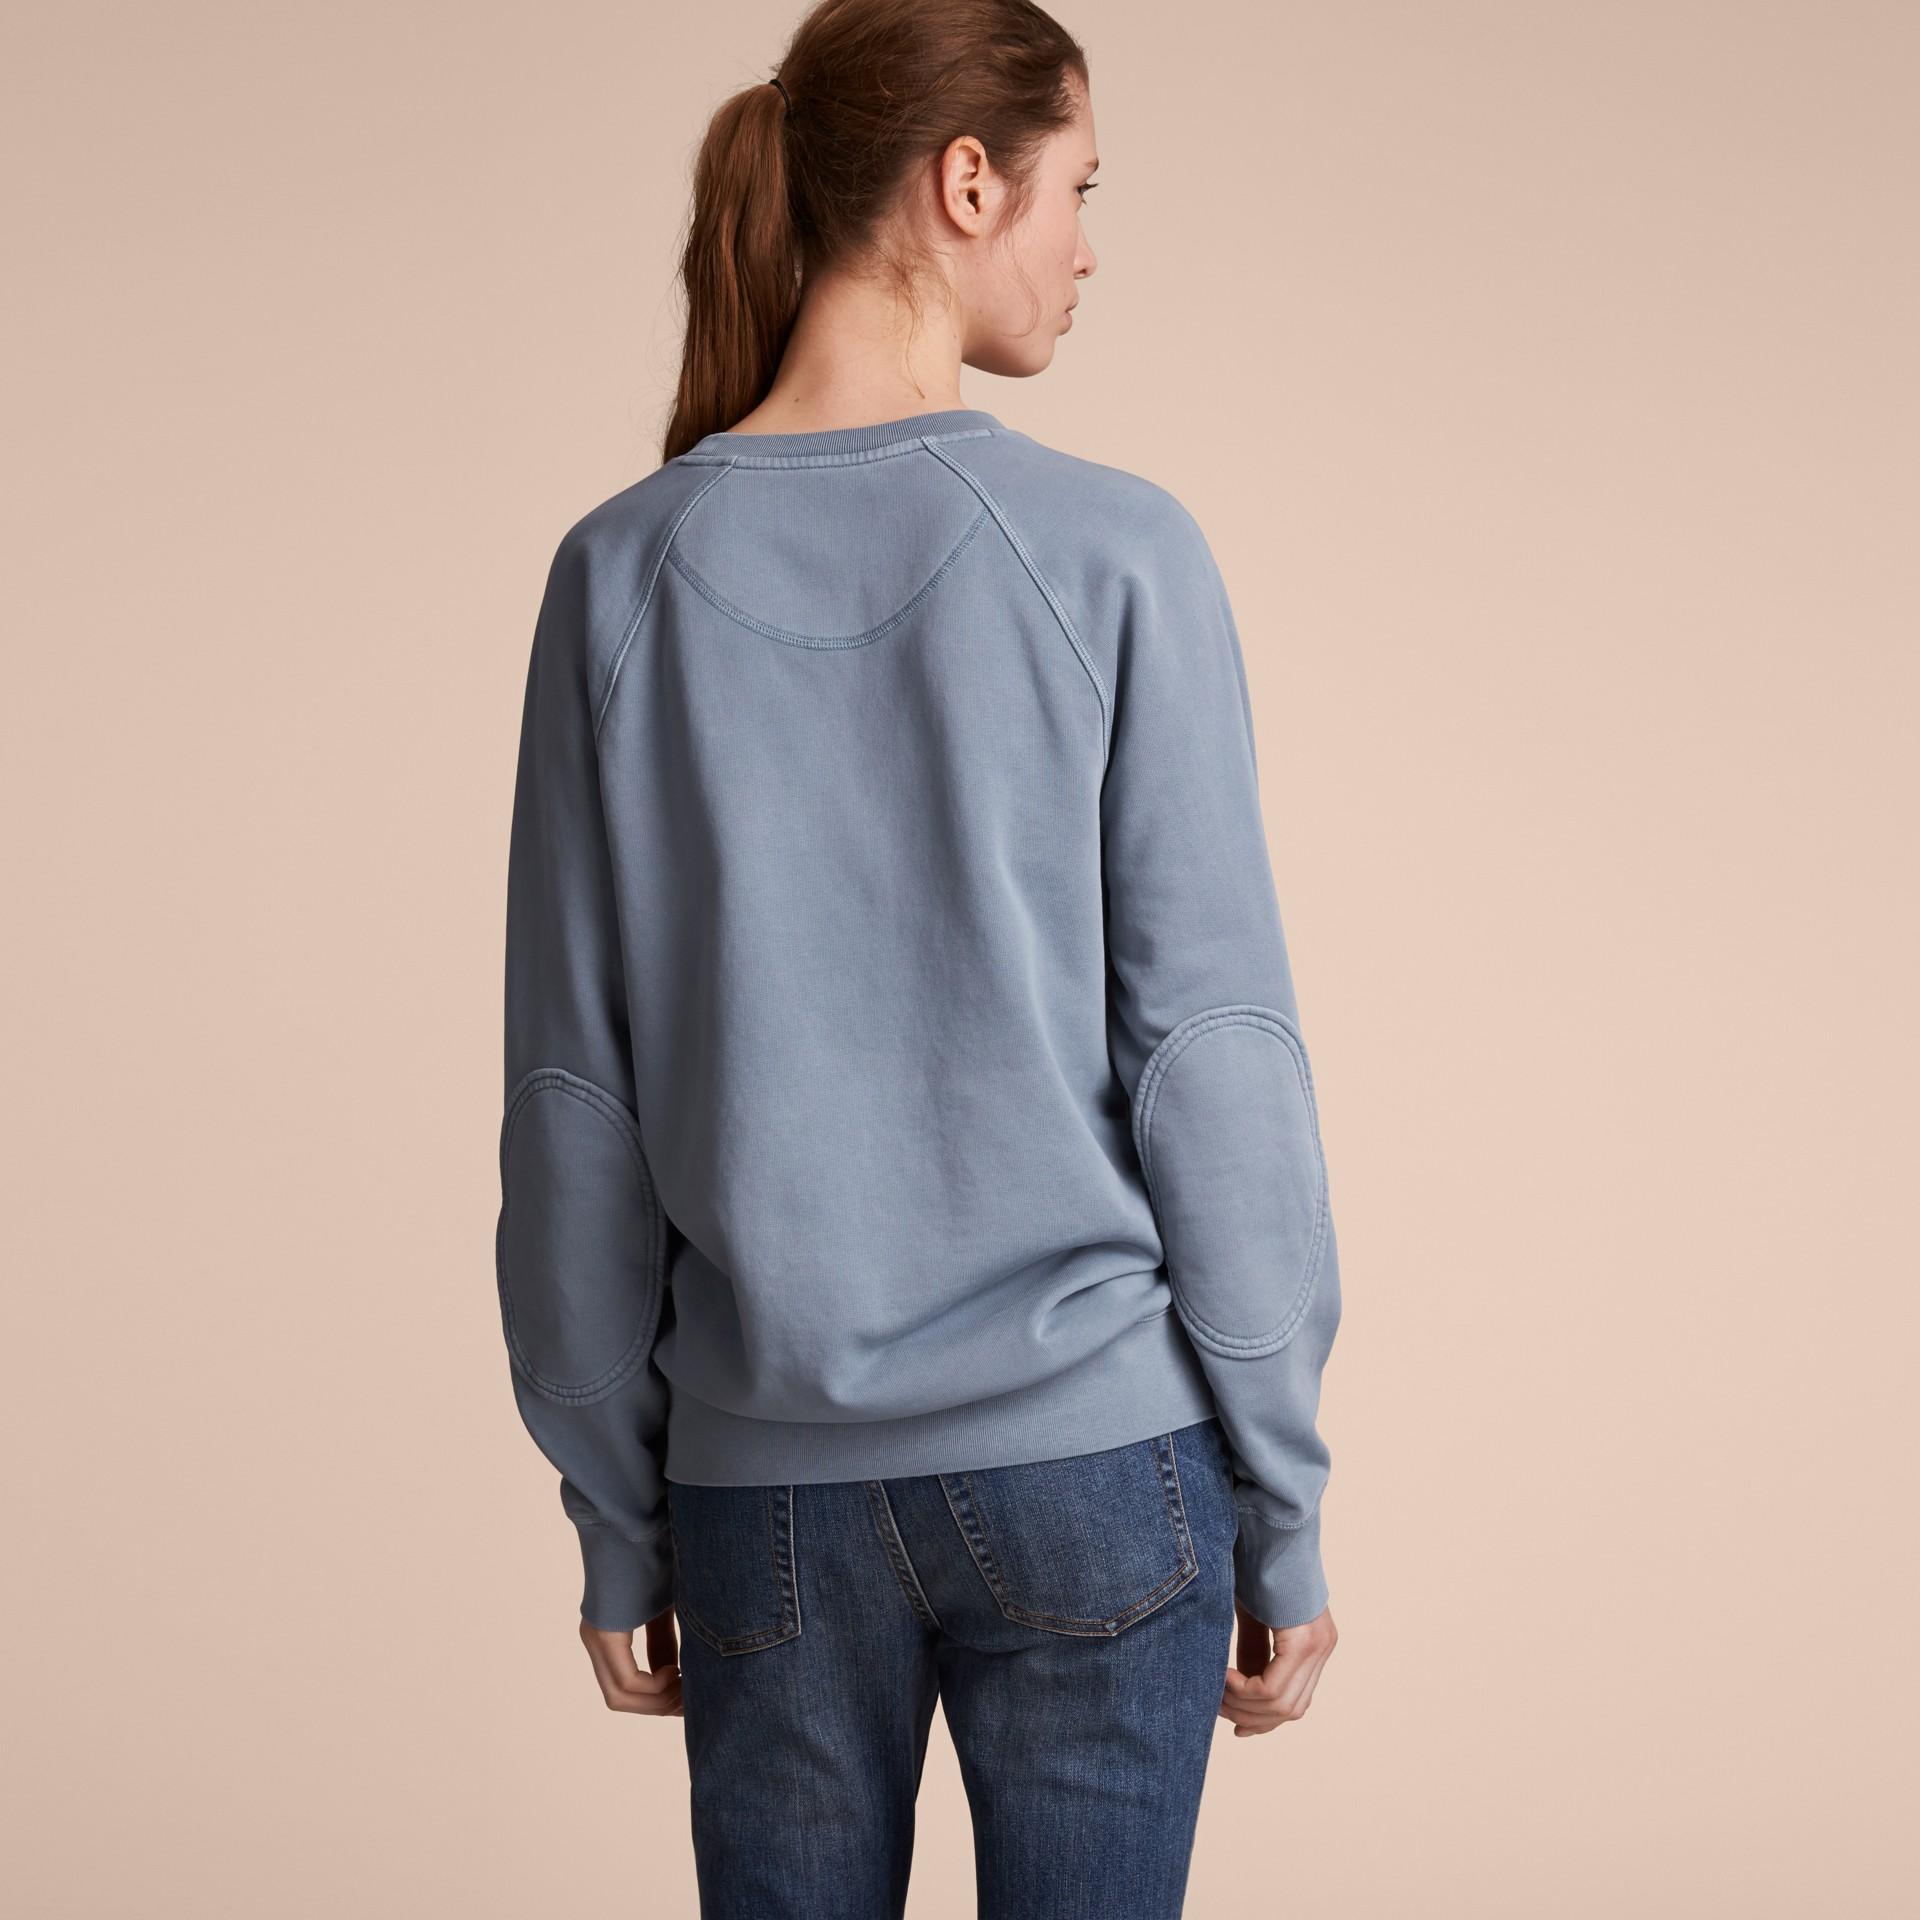 Sweat-shirt oversize unisexe en coton teint avec des colorants pigmentaires (Bleu Cendré) - Femme | Burberry - photo de la galerie 7